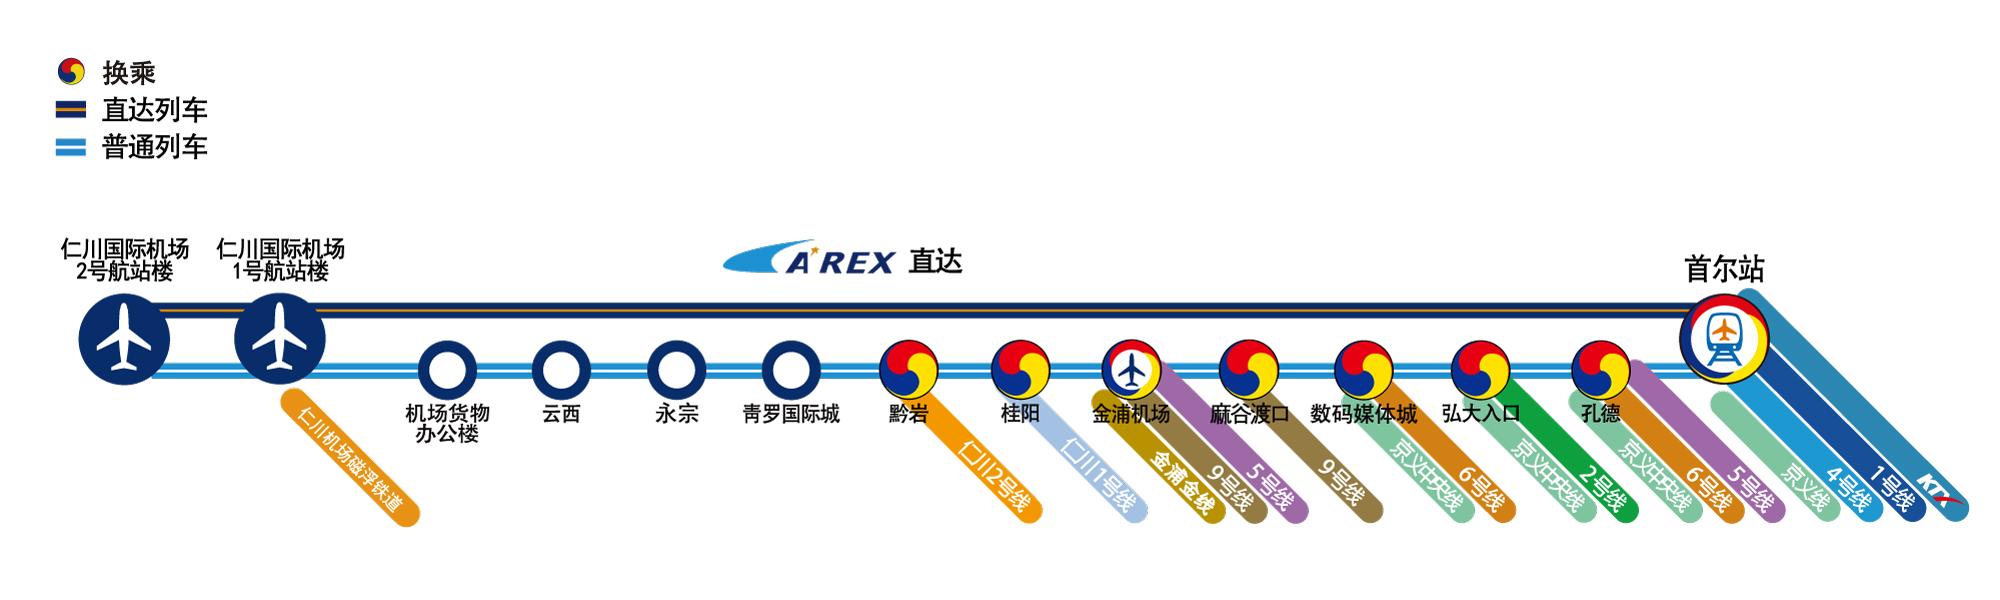 英文版机场铁路路线图。换乘站、直达列车、一般列车组成的路线表。直达列车:仁川机场2号航站楼 – 仁川机场1号航站楼(磁浮铁路) – 首尔站(换乘站:1号线、4号线、KTX、京义线)。一般列车:仁川机场2号航站楼 – 仁川机场1号航站楼(磁浮铁路) – 机场货运站 – 云西 – 永宗 – 青罗国际城 – 黔岩(换乘站:仁川2号线) – 桂阳(换乘站:仁川1号线) – 金浦机场(换乘站:5号线、9号线、金浦黄金线) – 麻谷渡口(换乘站:9号线) – 数位媒体城(换乘站:6号线、京义中央线) – 弘益大学(换乘站:2号线、京义中央线) – 孔德站(换乘站:5号线、6号线、 京义中央线) – 首尔站(换乘站:1号线、4号线、KTX、京义线)。